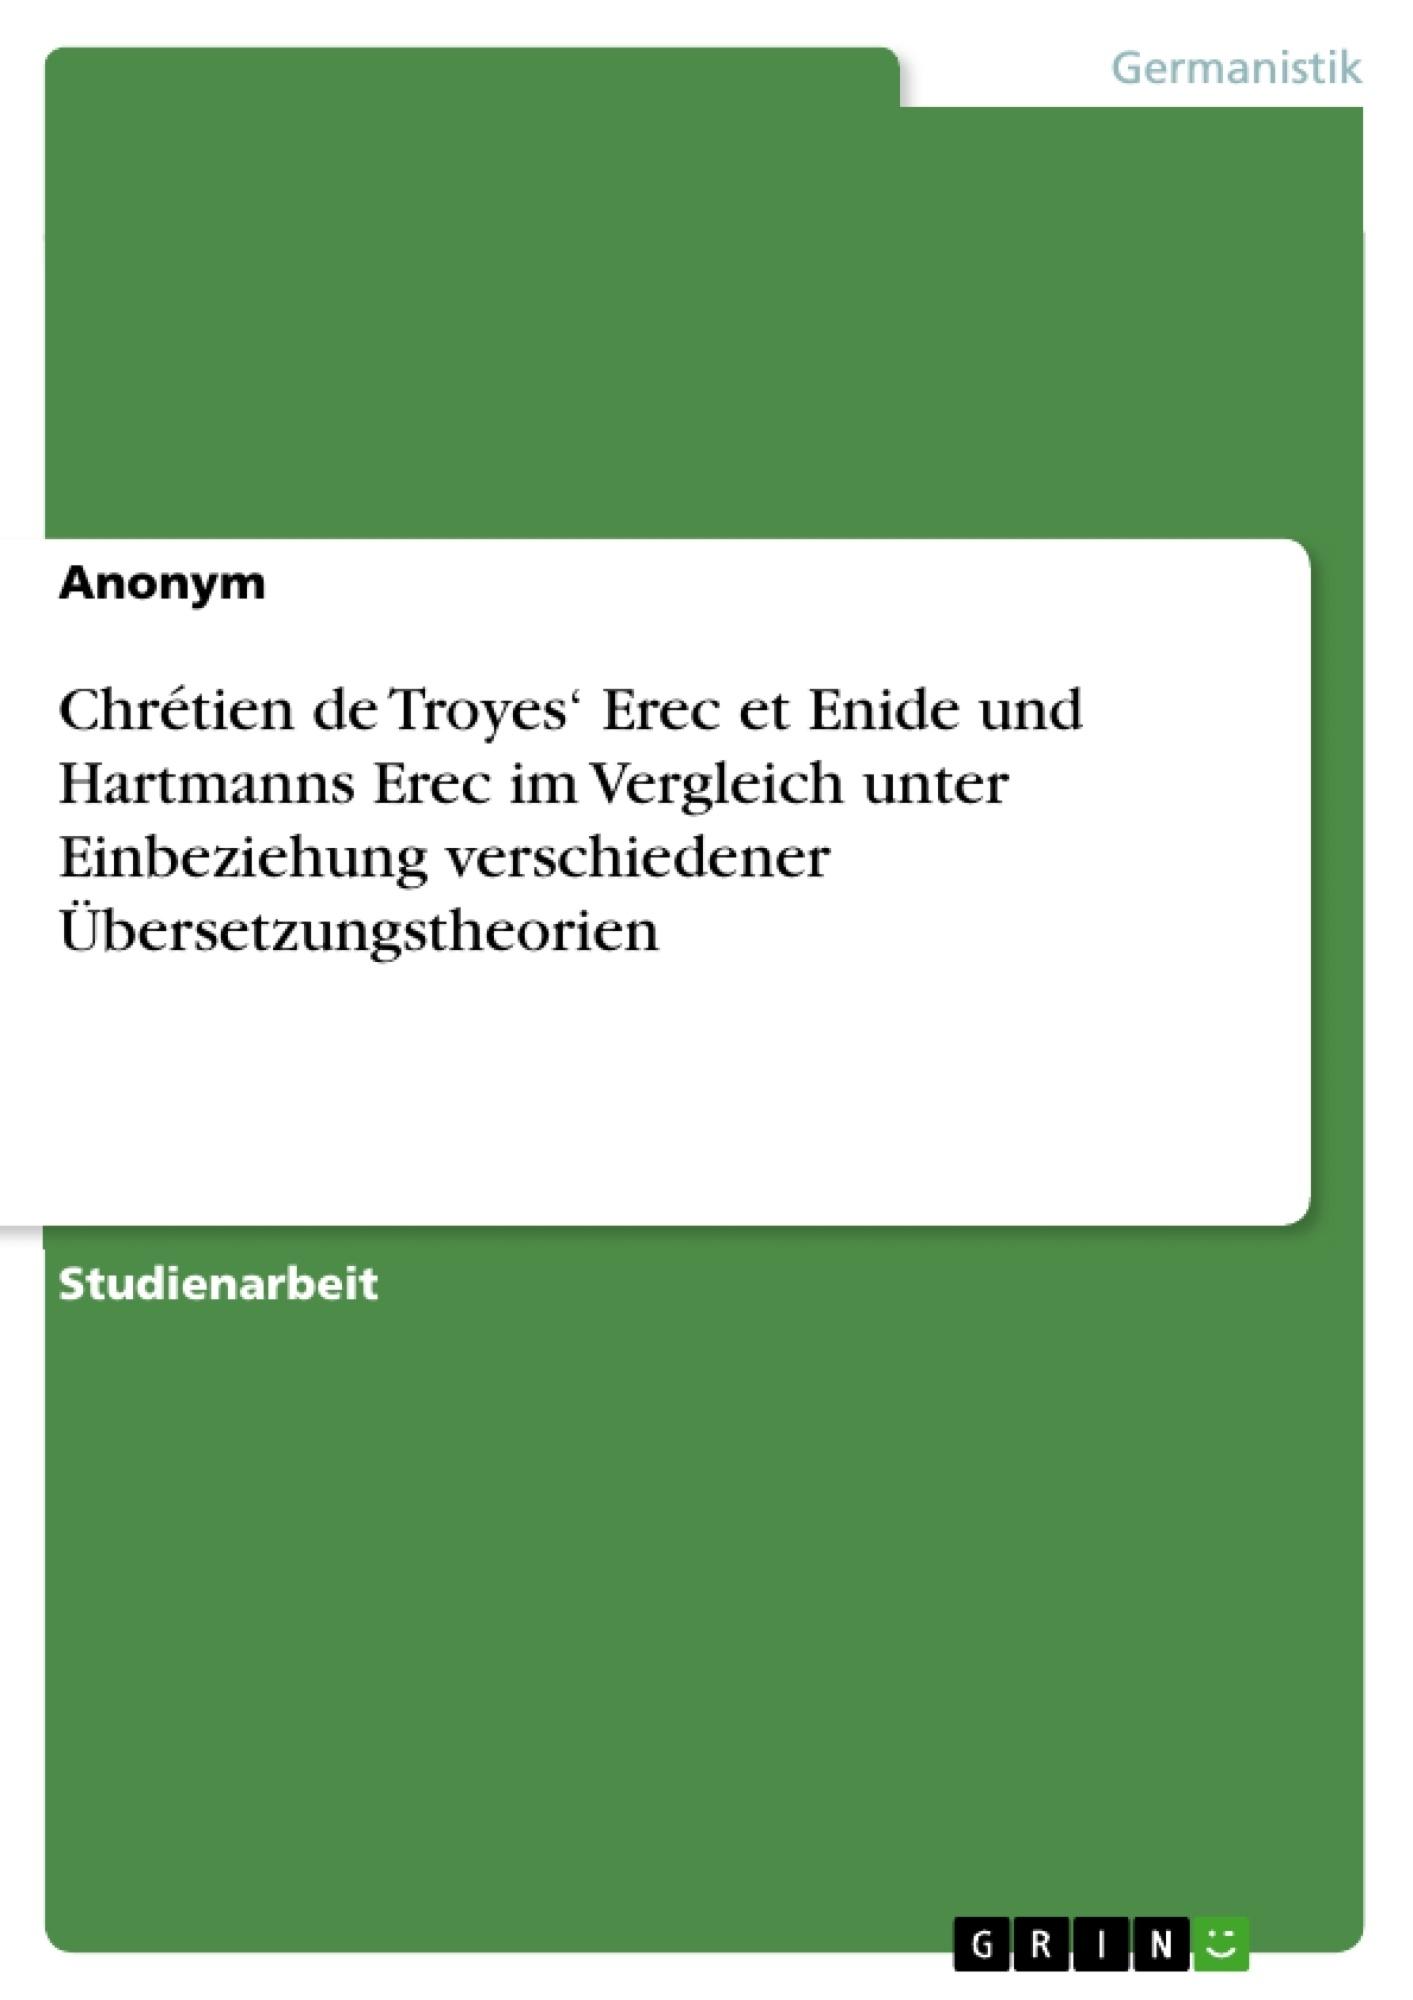 Titel: Chrétien de Troyes' Erec et Enide und Hartmanns Erec im Vergleich unter Einbeziehung verschiedener Übersetzungstheorien